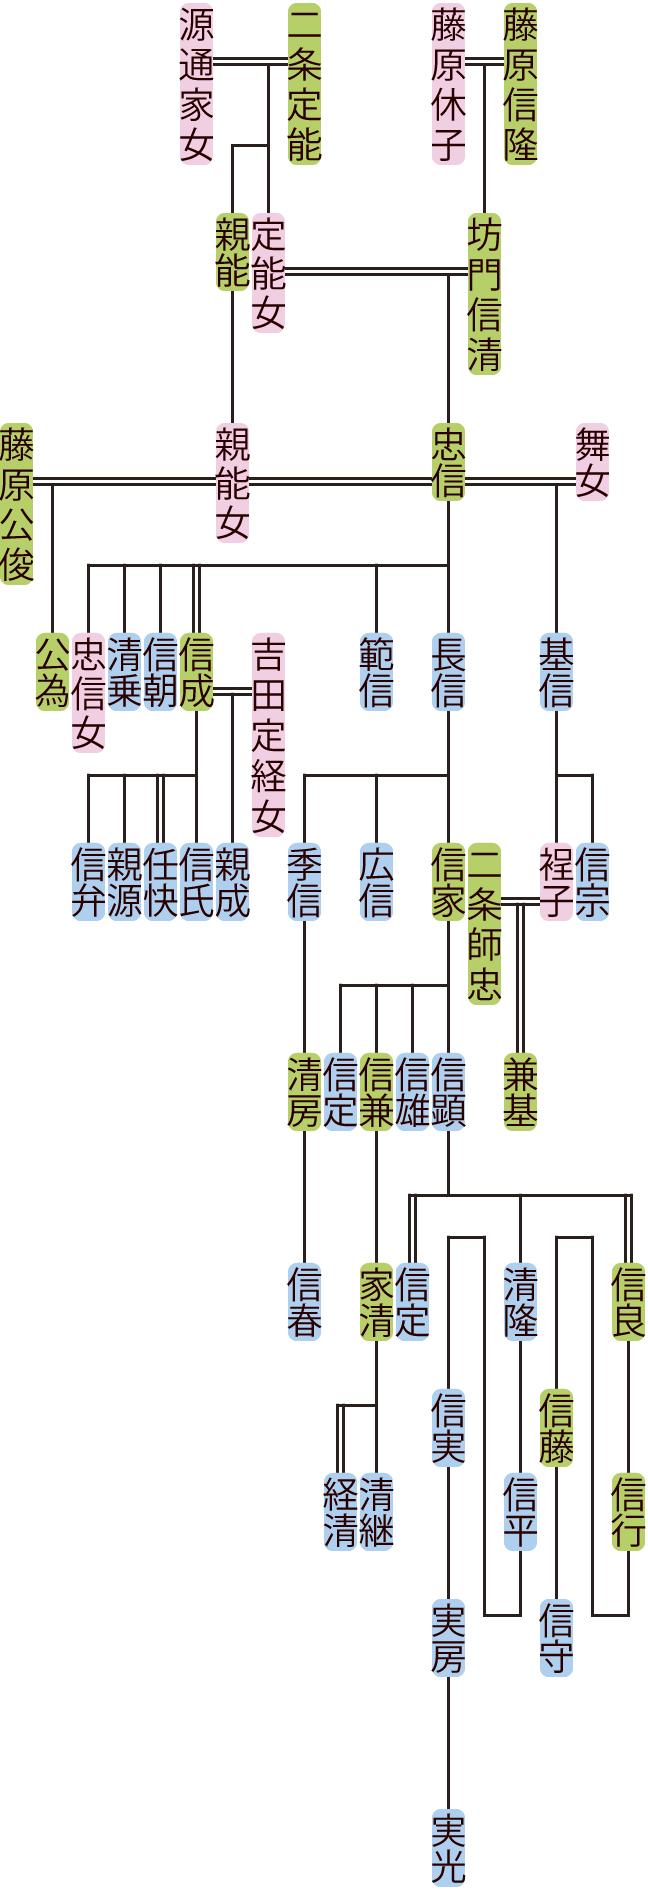 坊門忠信の系図